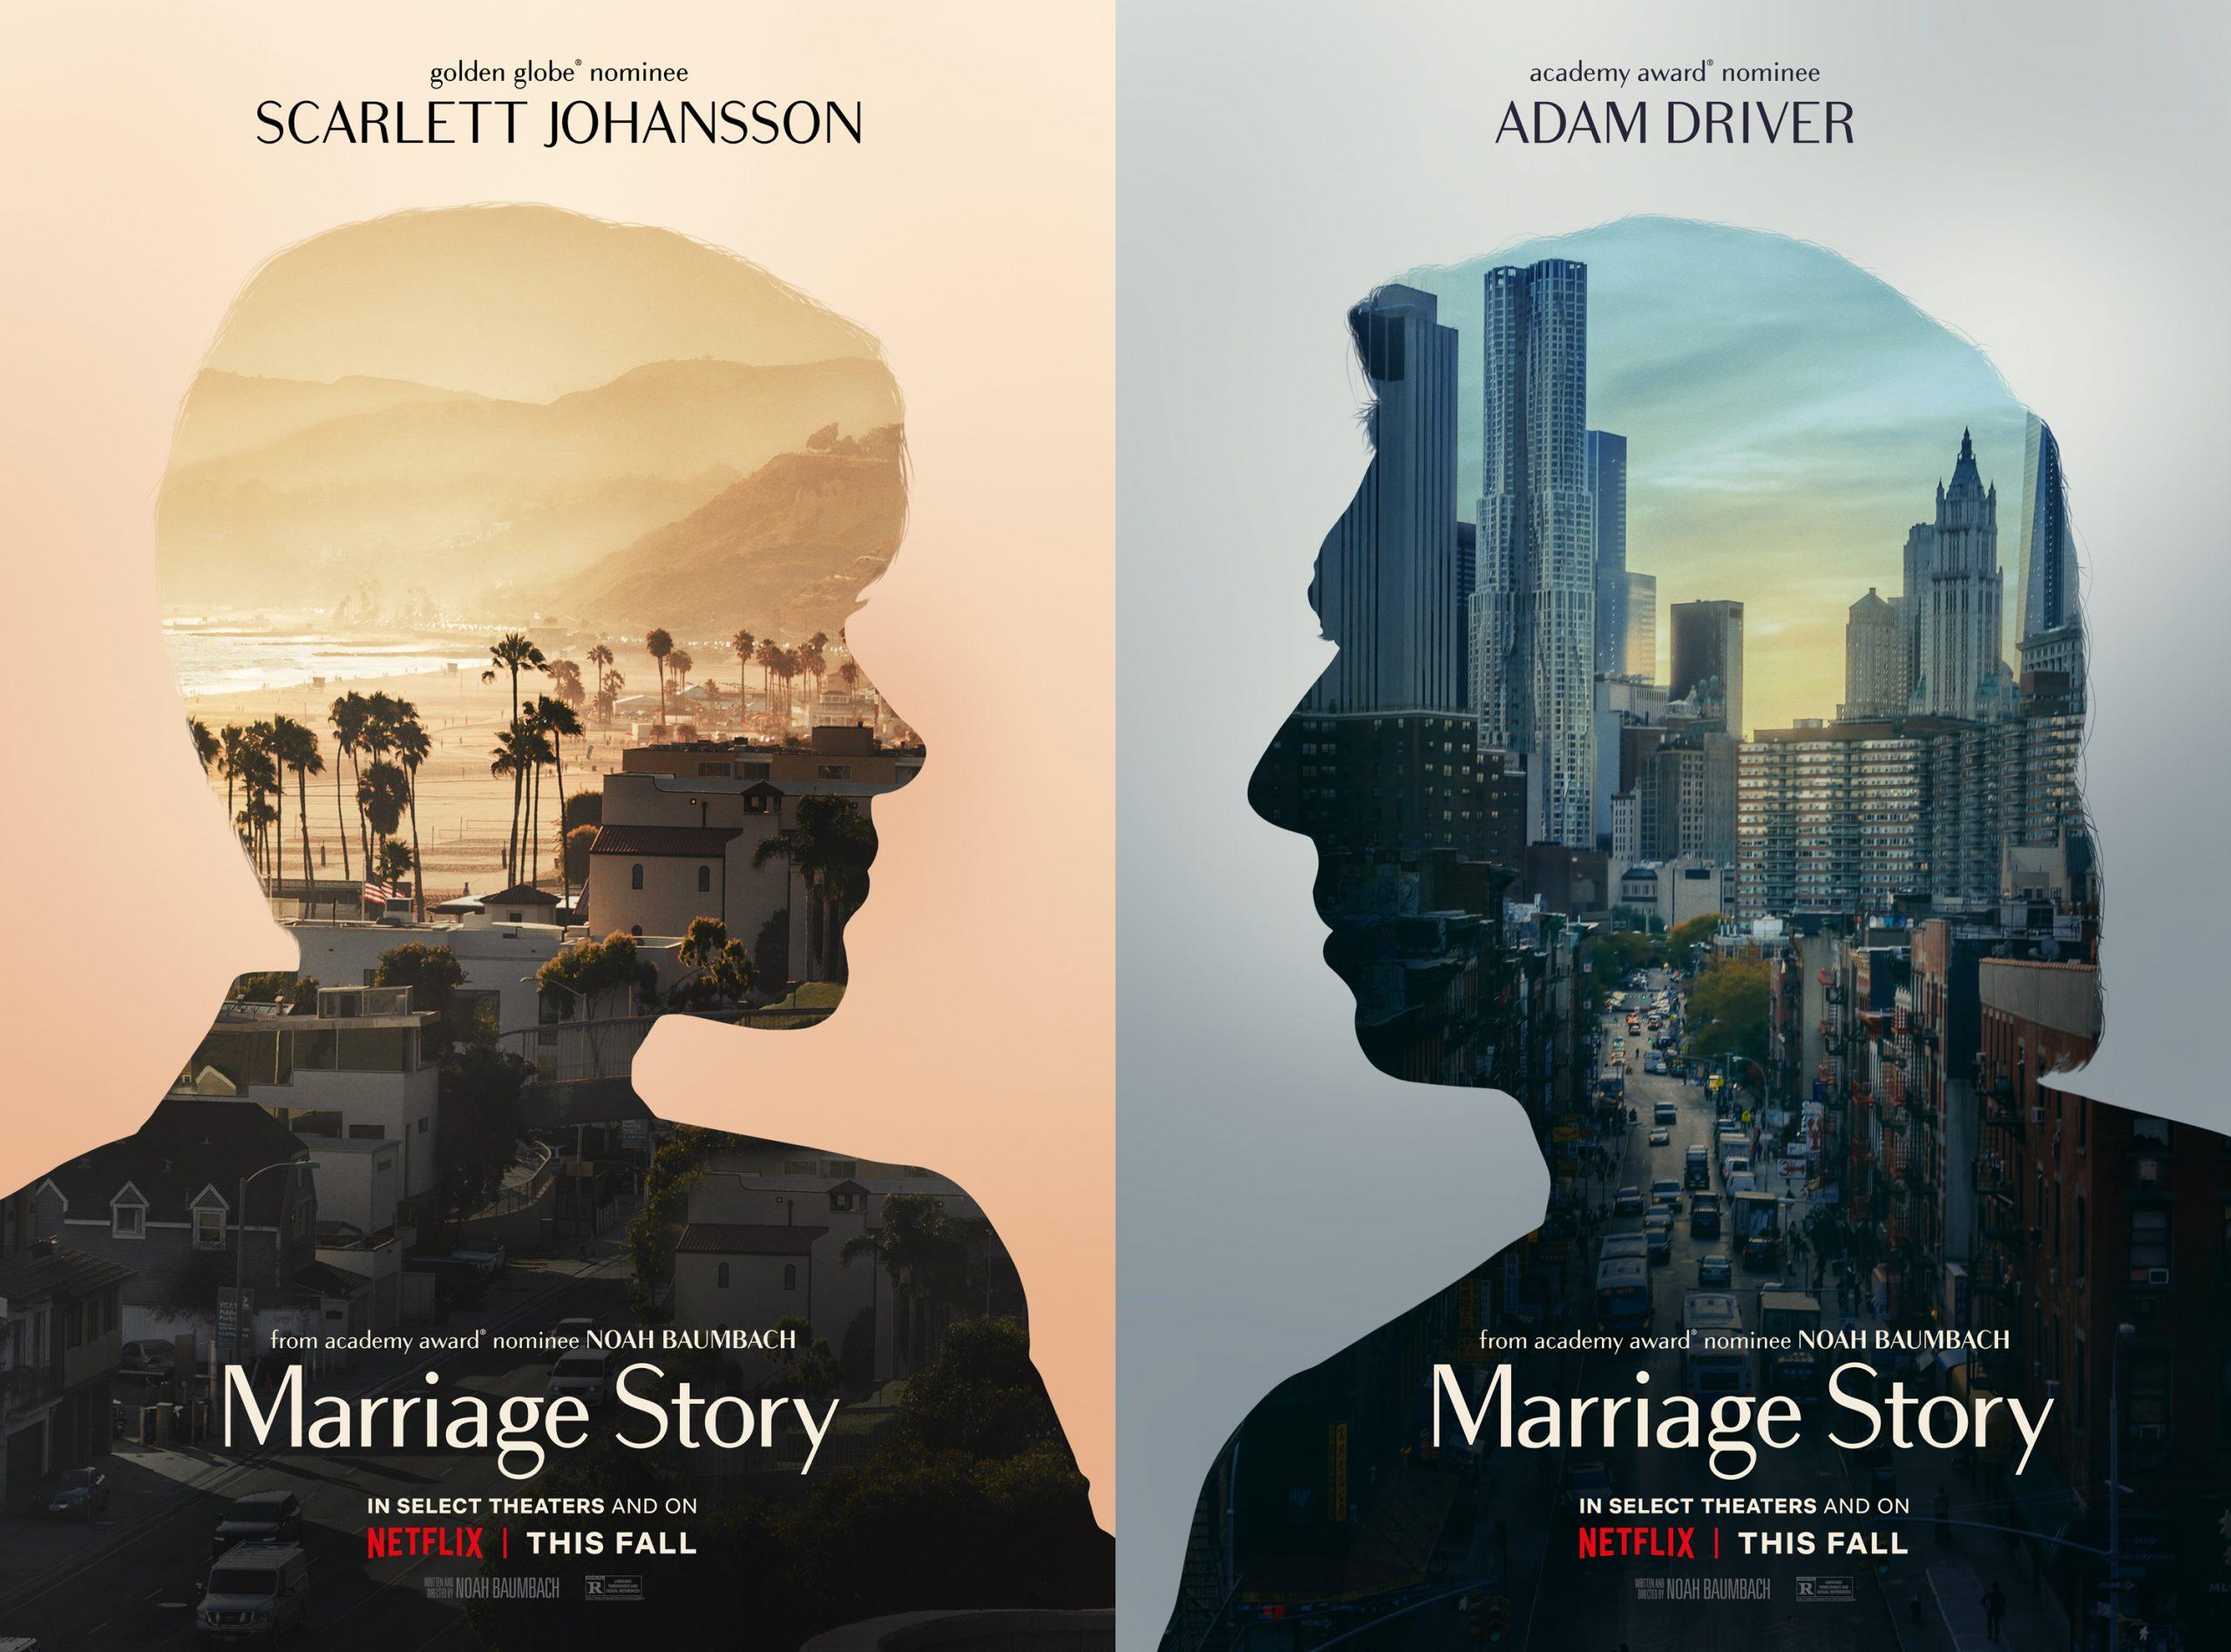 Húsba vágó realizmus – kritika a Marriage Story című filmről